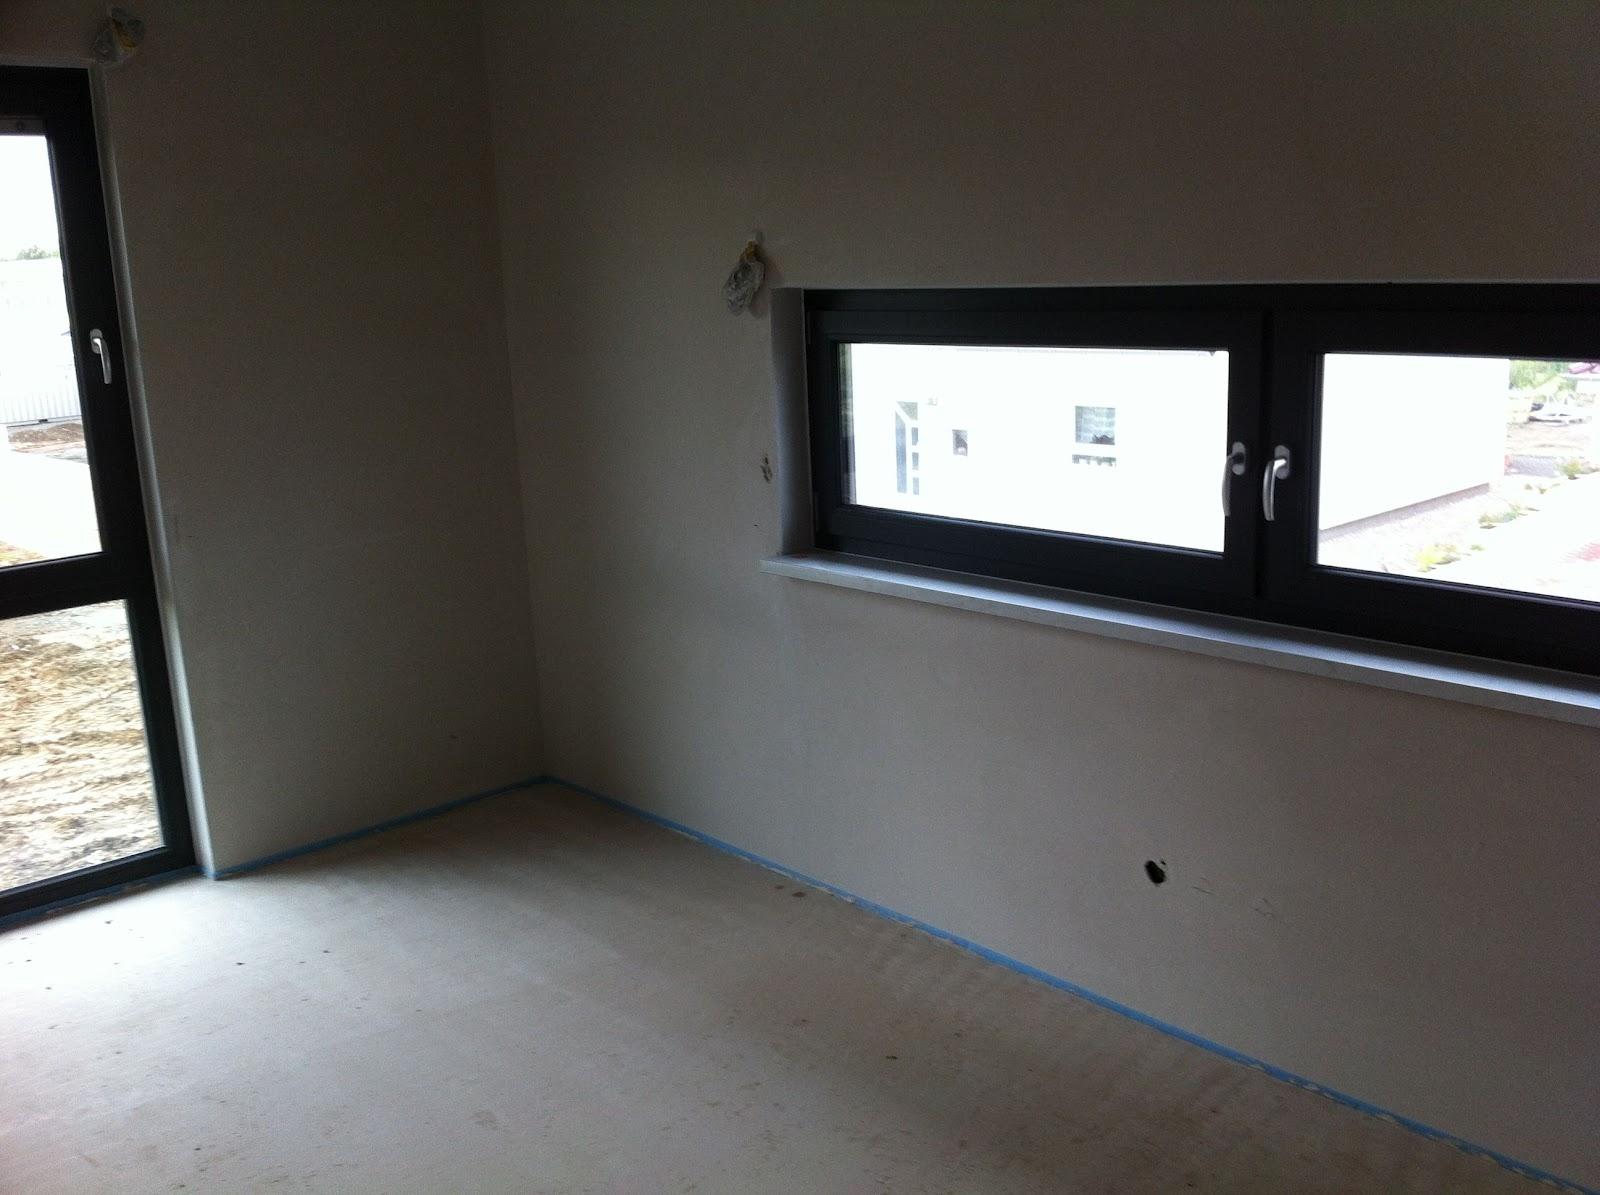 unser kern haus bautagebuch fu bodenheizung und estrich eingebracht. Black Bedroom Furniture Sets. Home Design Ideas